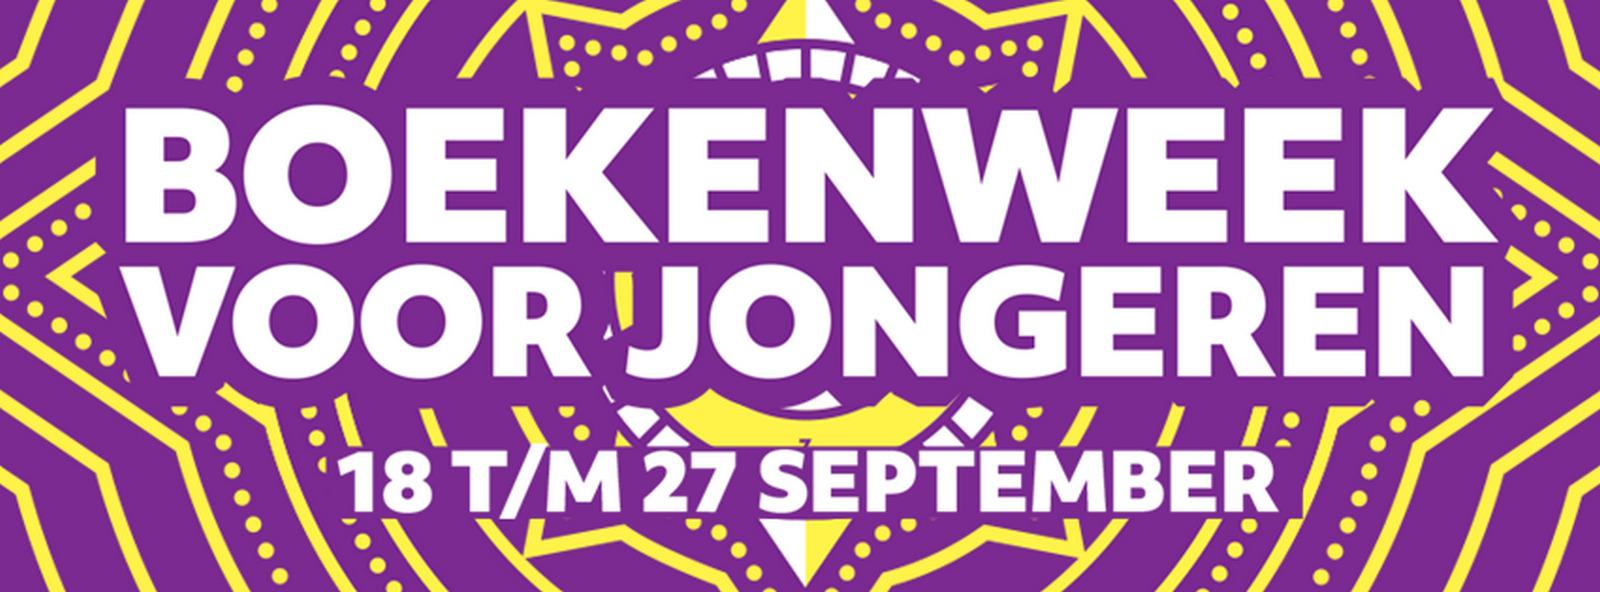 Logo Boekenweek voor Jongeren